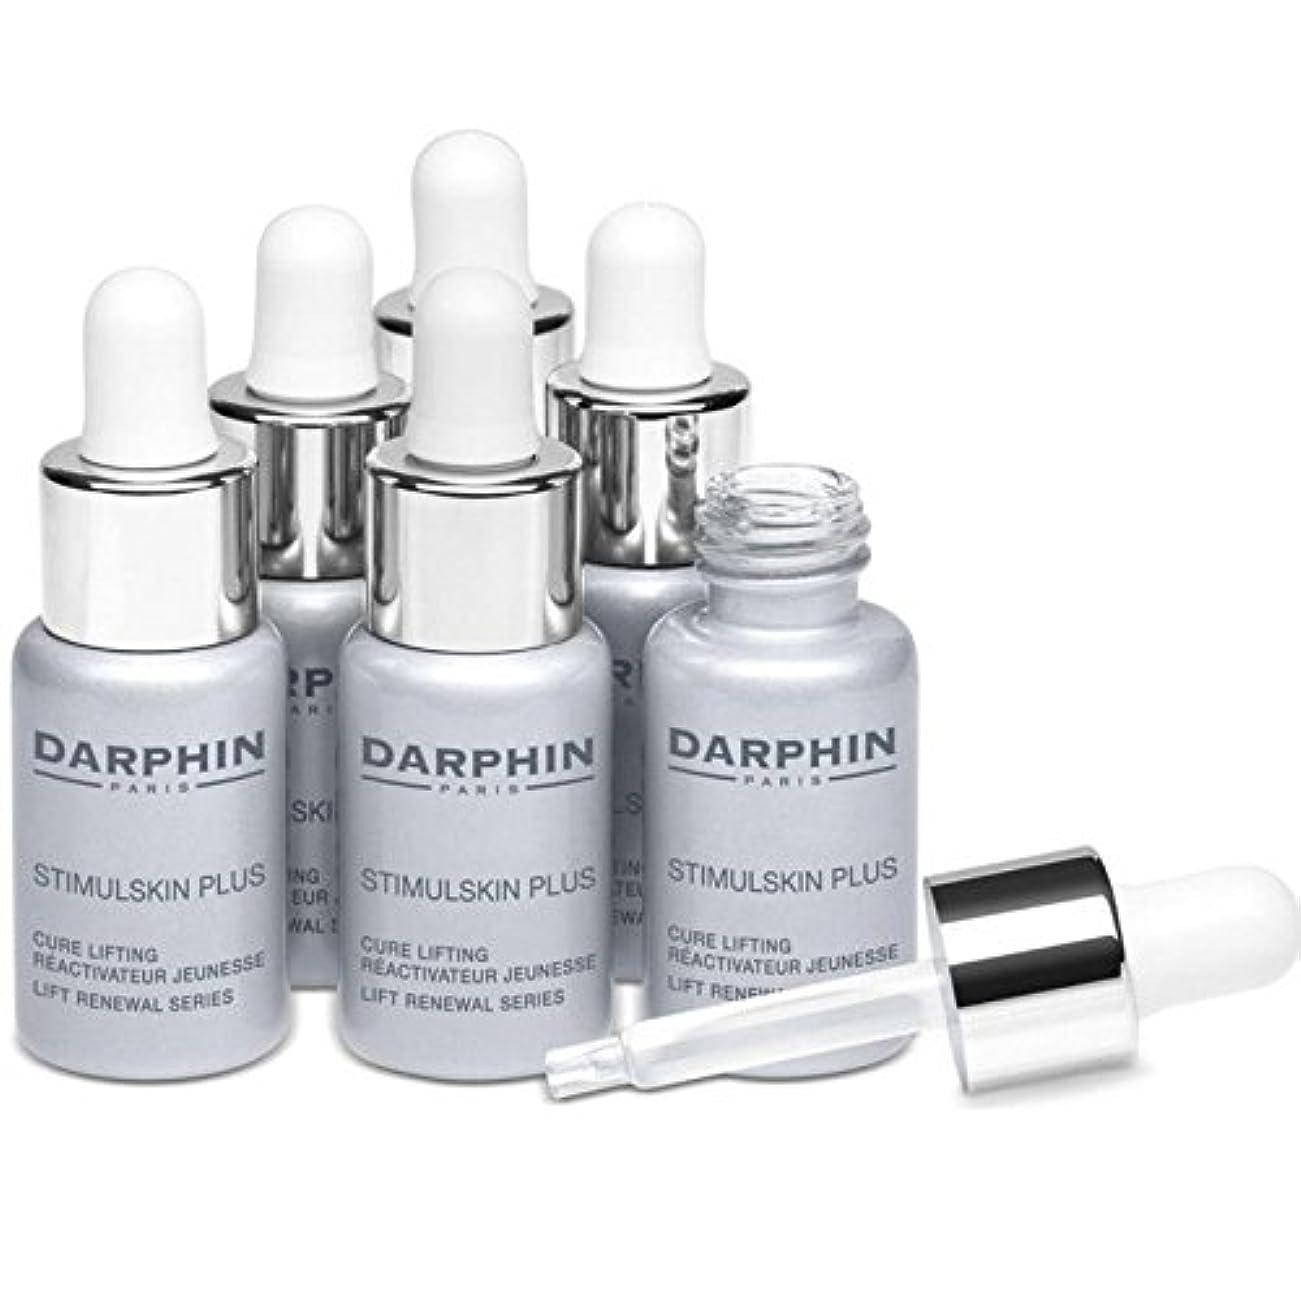 間に合わせふけるフェデレーションDarphin Stimulskin Plus Lift Renewal Series (Pack of 6) - ダルファンスティプラスリフトリニューアルシリーズ x6 [並行輸入品]